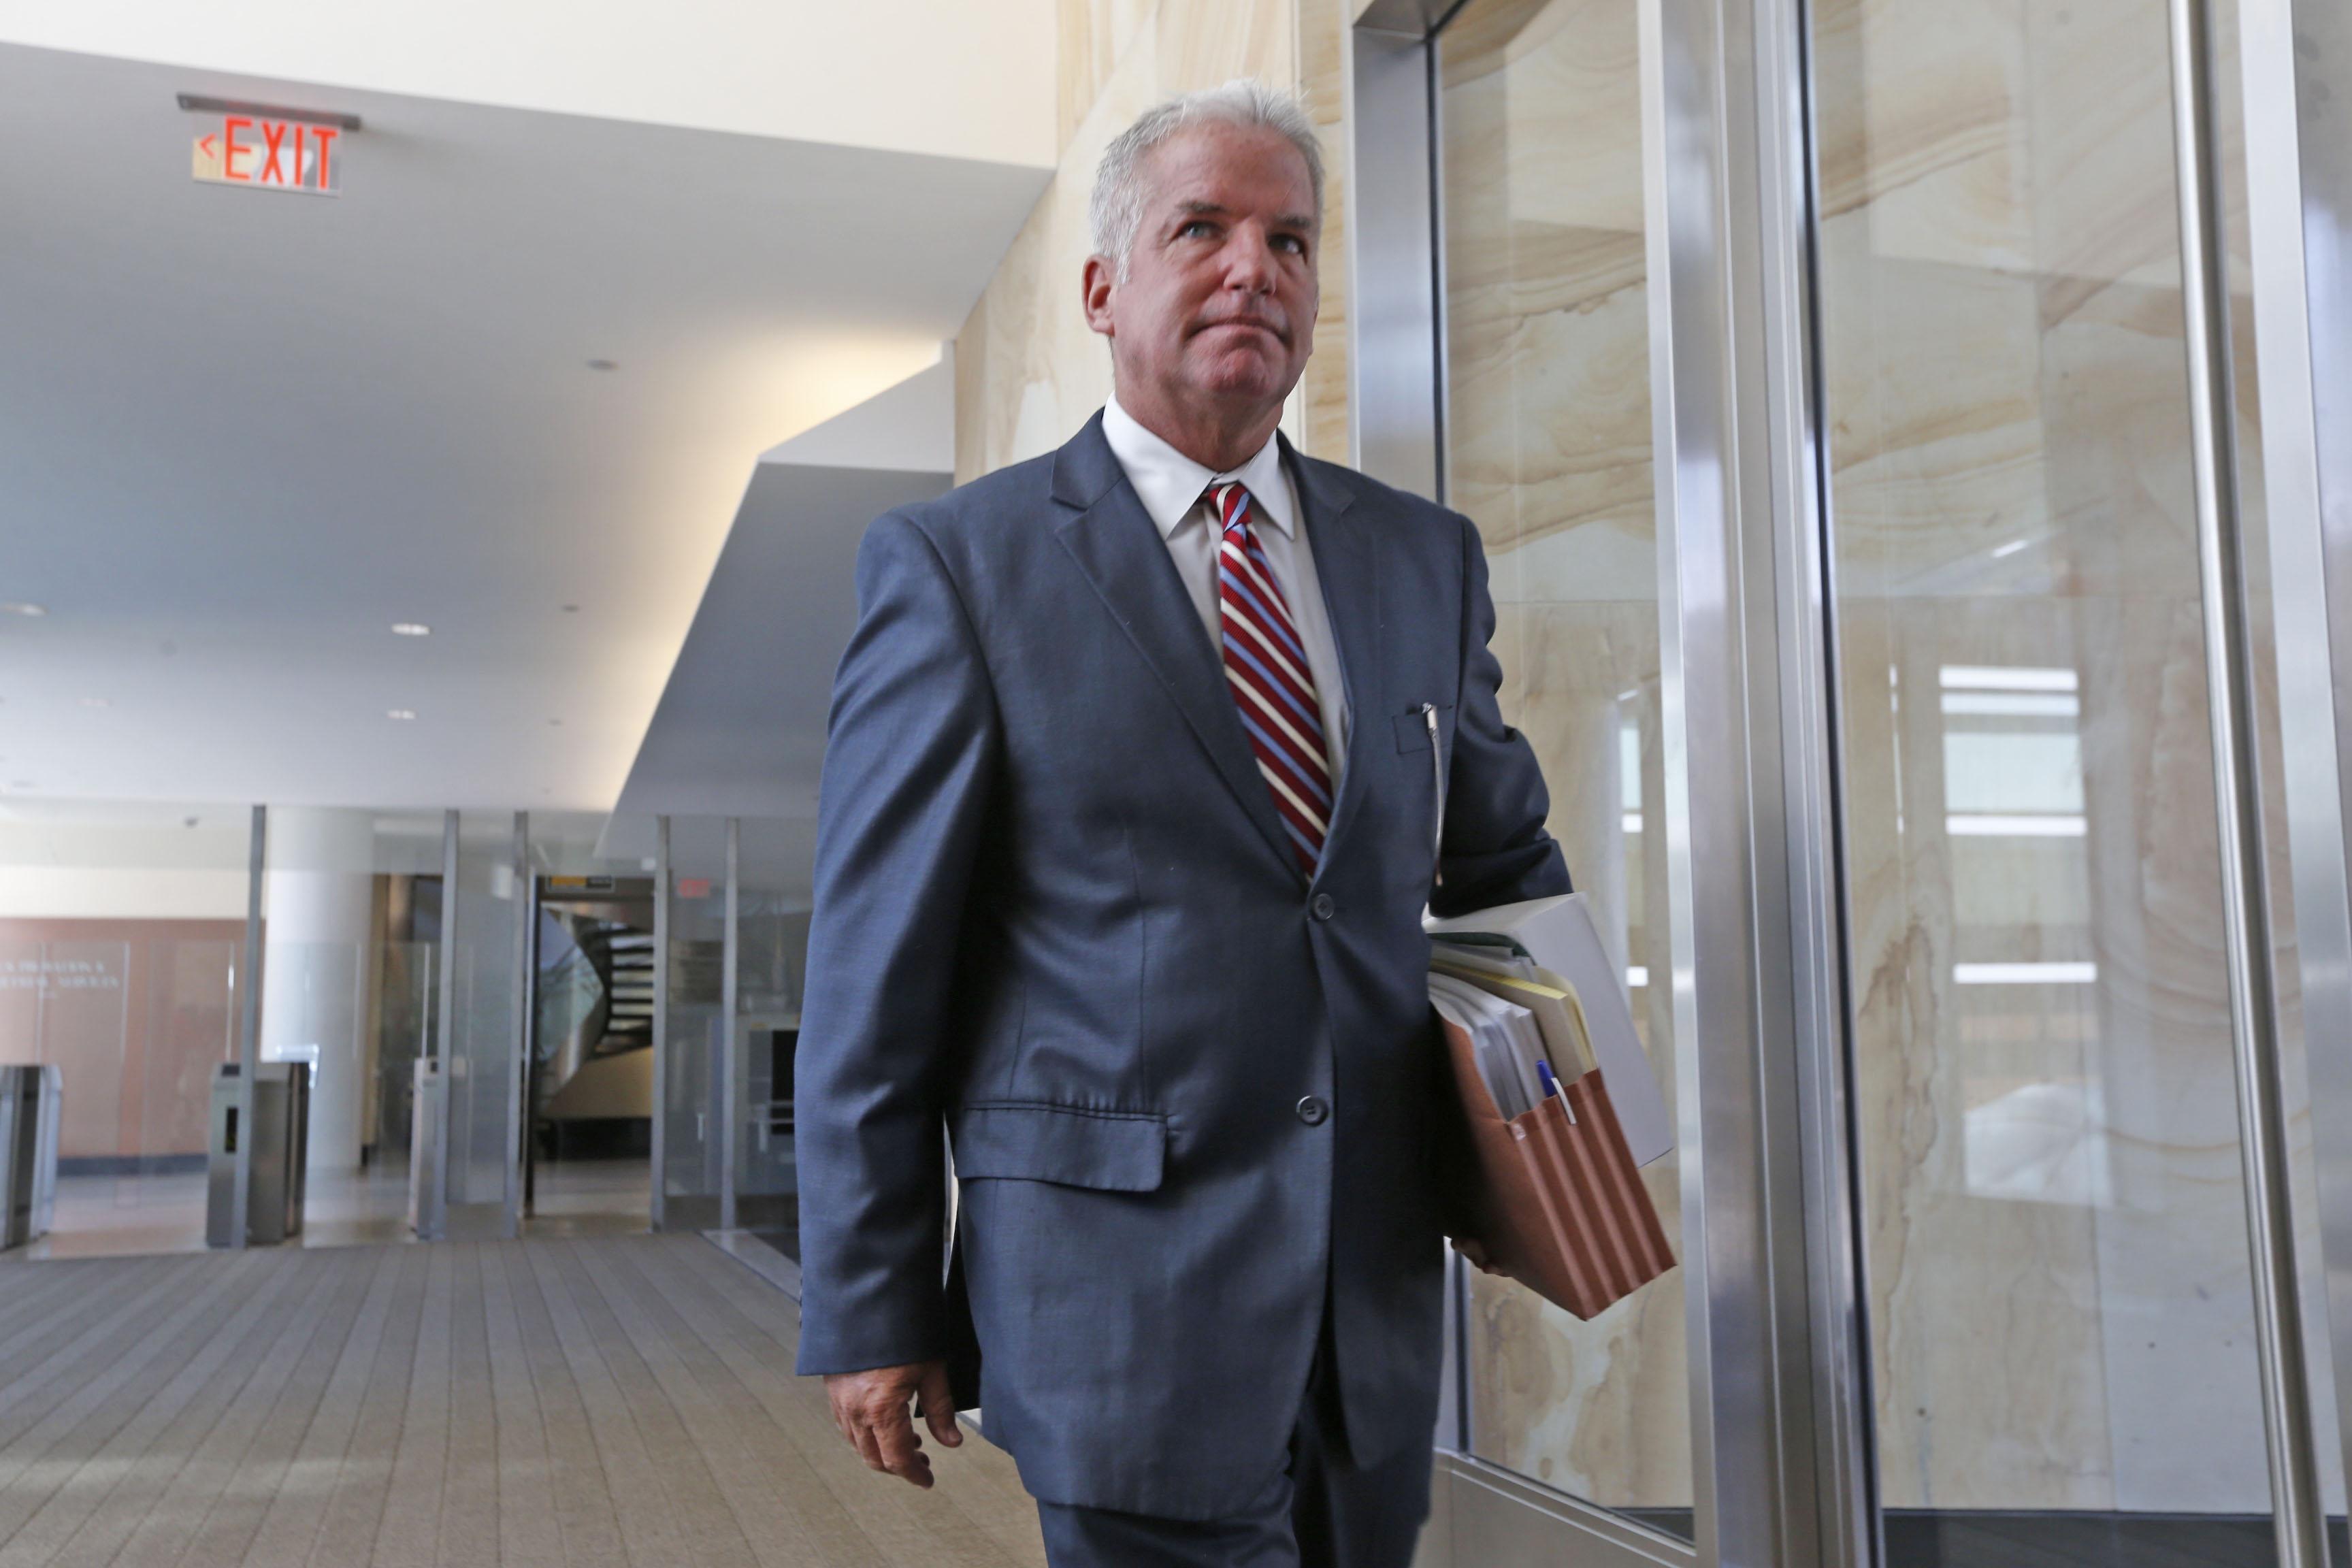 Amid public push for pot legalization, U.S. attorney urges caution